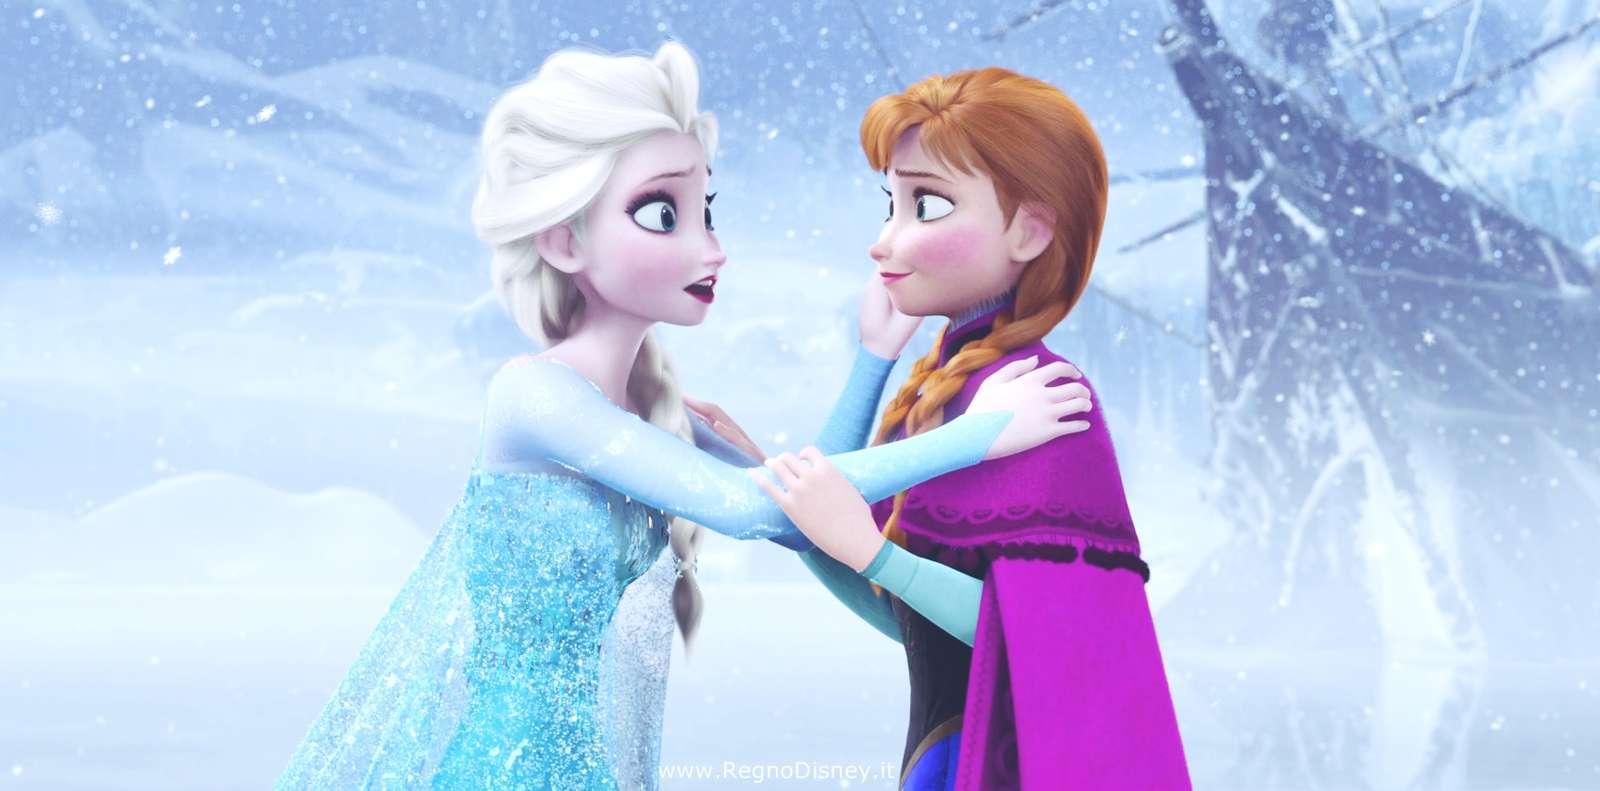 κατεψυγμένο και βασίλειο πάγου - κρατώντας τα χέρια Άννα Έλσα (3×3)